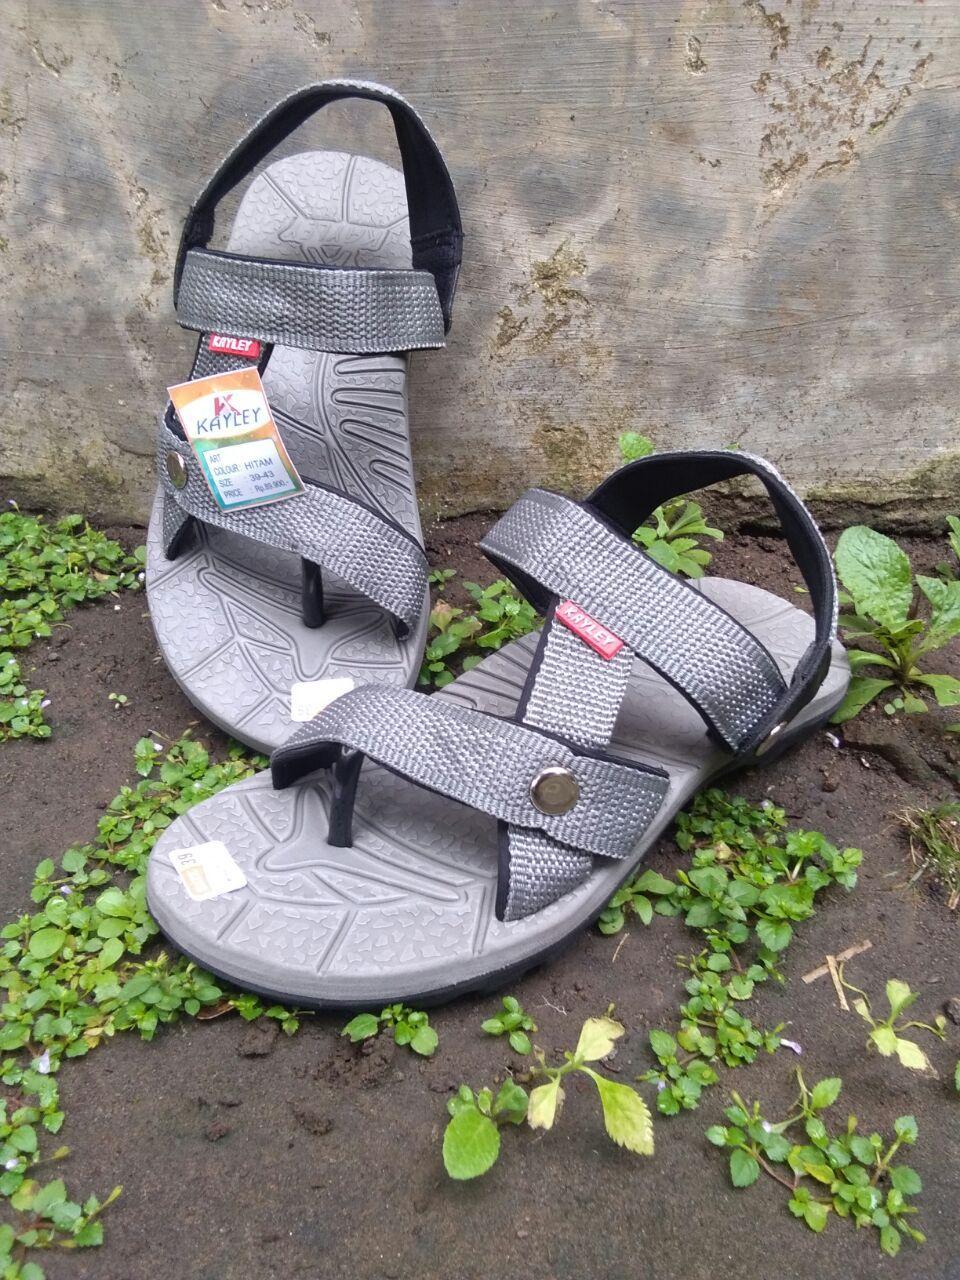 Hazel Sport / Sandal Fashion / Sandal Gunung Pria / Sandal Gunung / Sandal Pria / Sandal Mendaki / Sandal Unik / Sandal Keren / Sandal Bergaya / Sandal ...